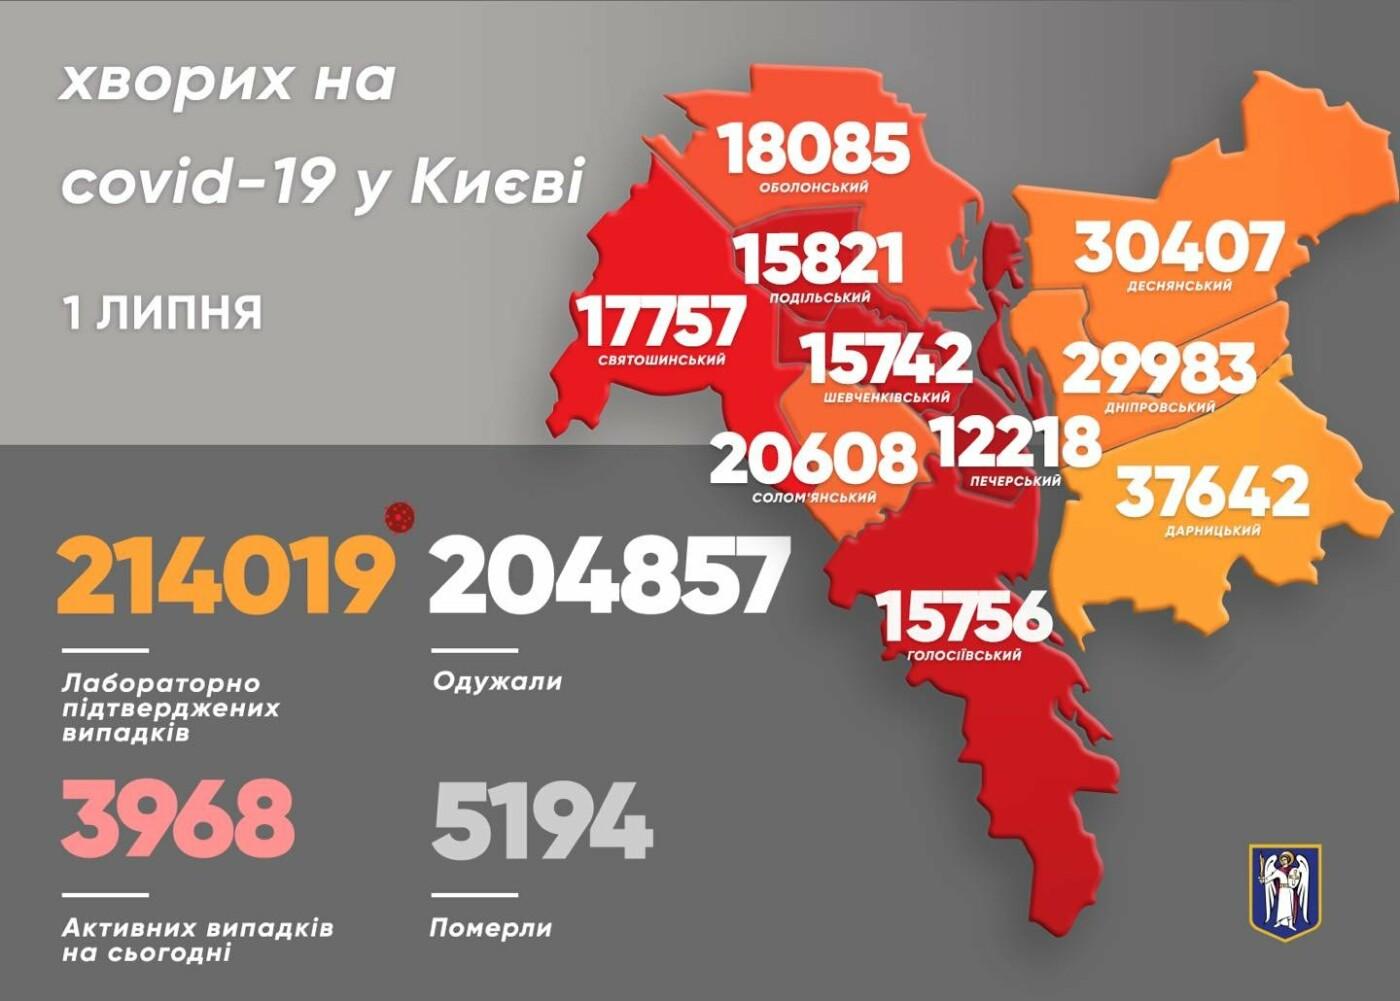 Статистика на 1 июля, Картинка: Виталий Кличко